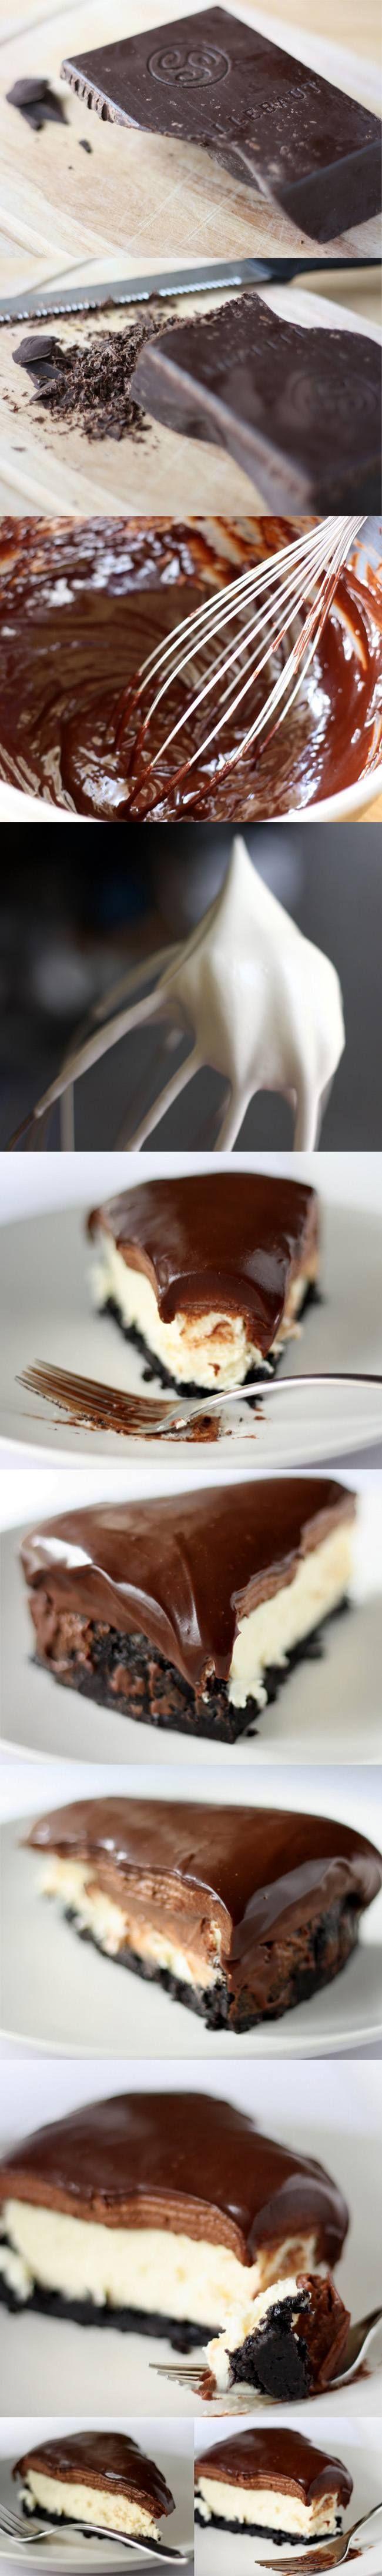 Deliciosa tarta de queso y mousse de chocolate con base de galletas oreo y cobertura de ganache de chocolate negro o con leche